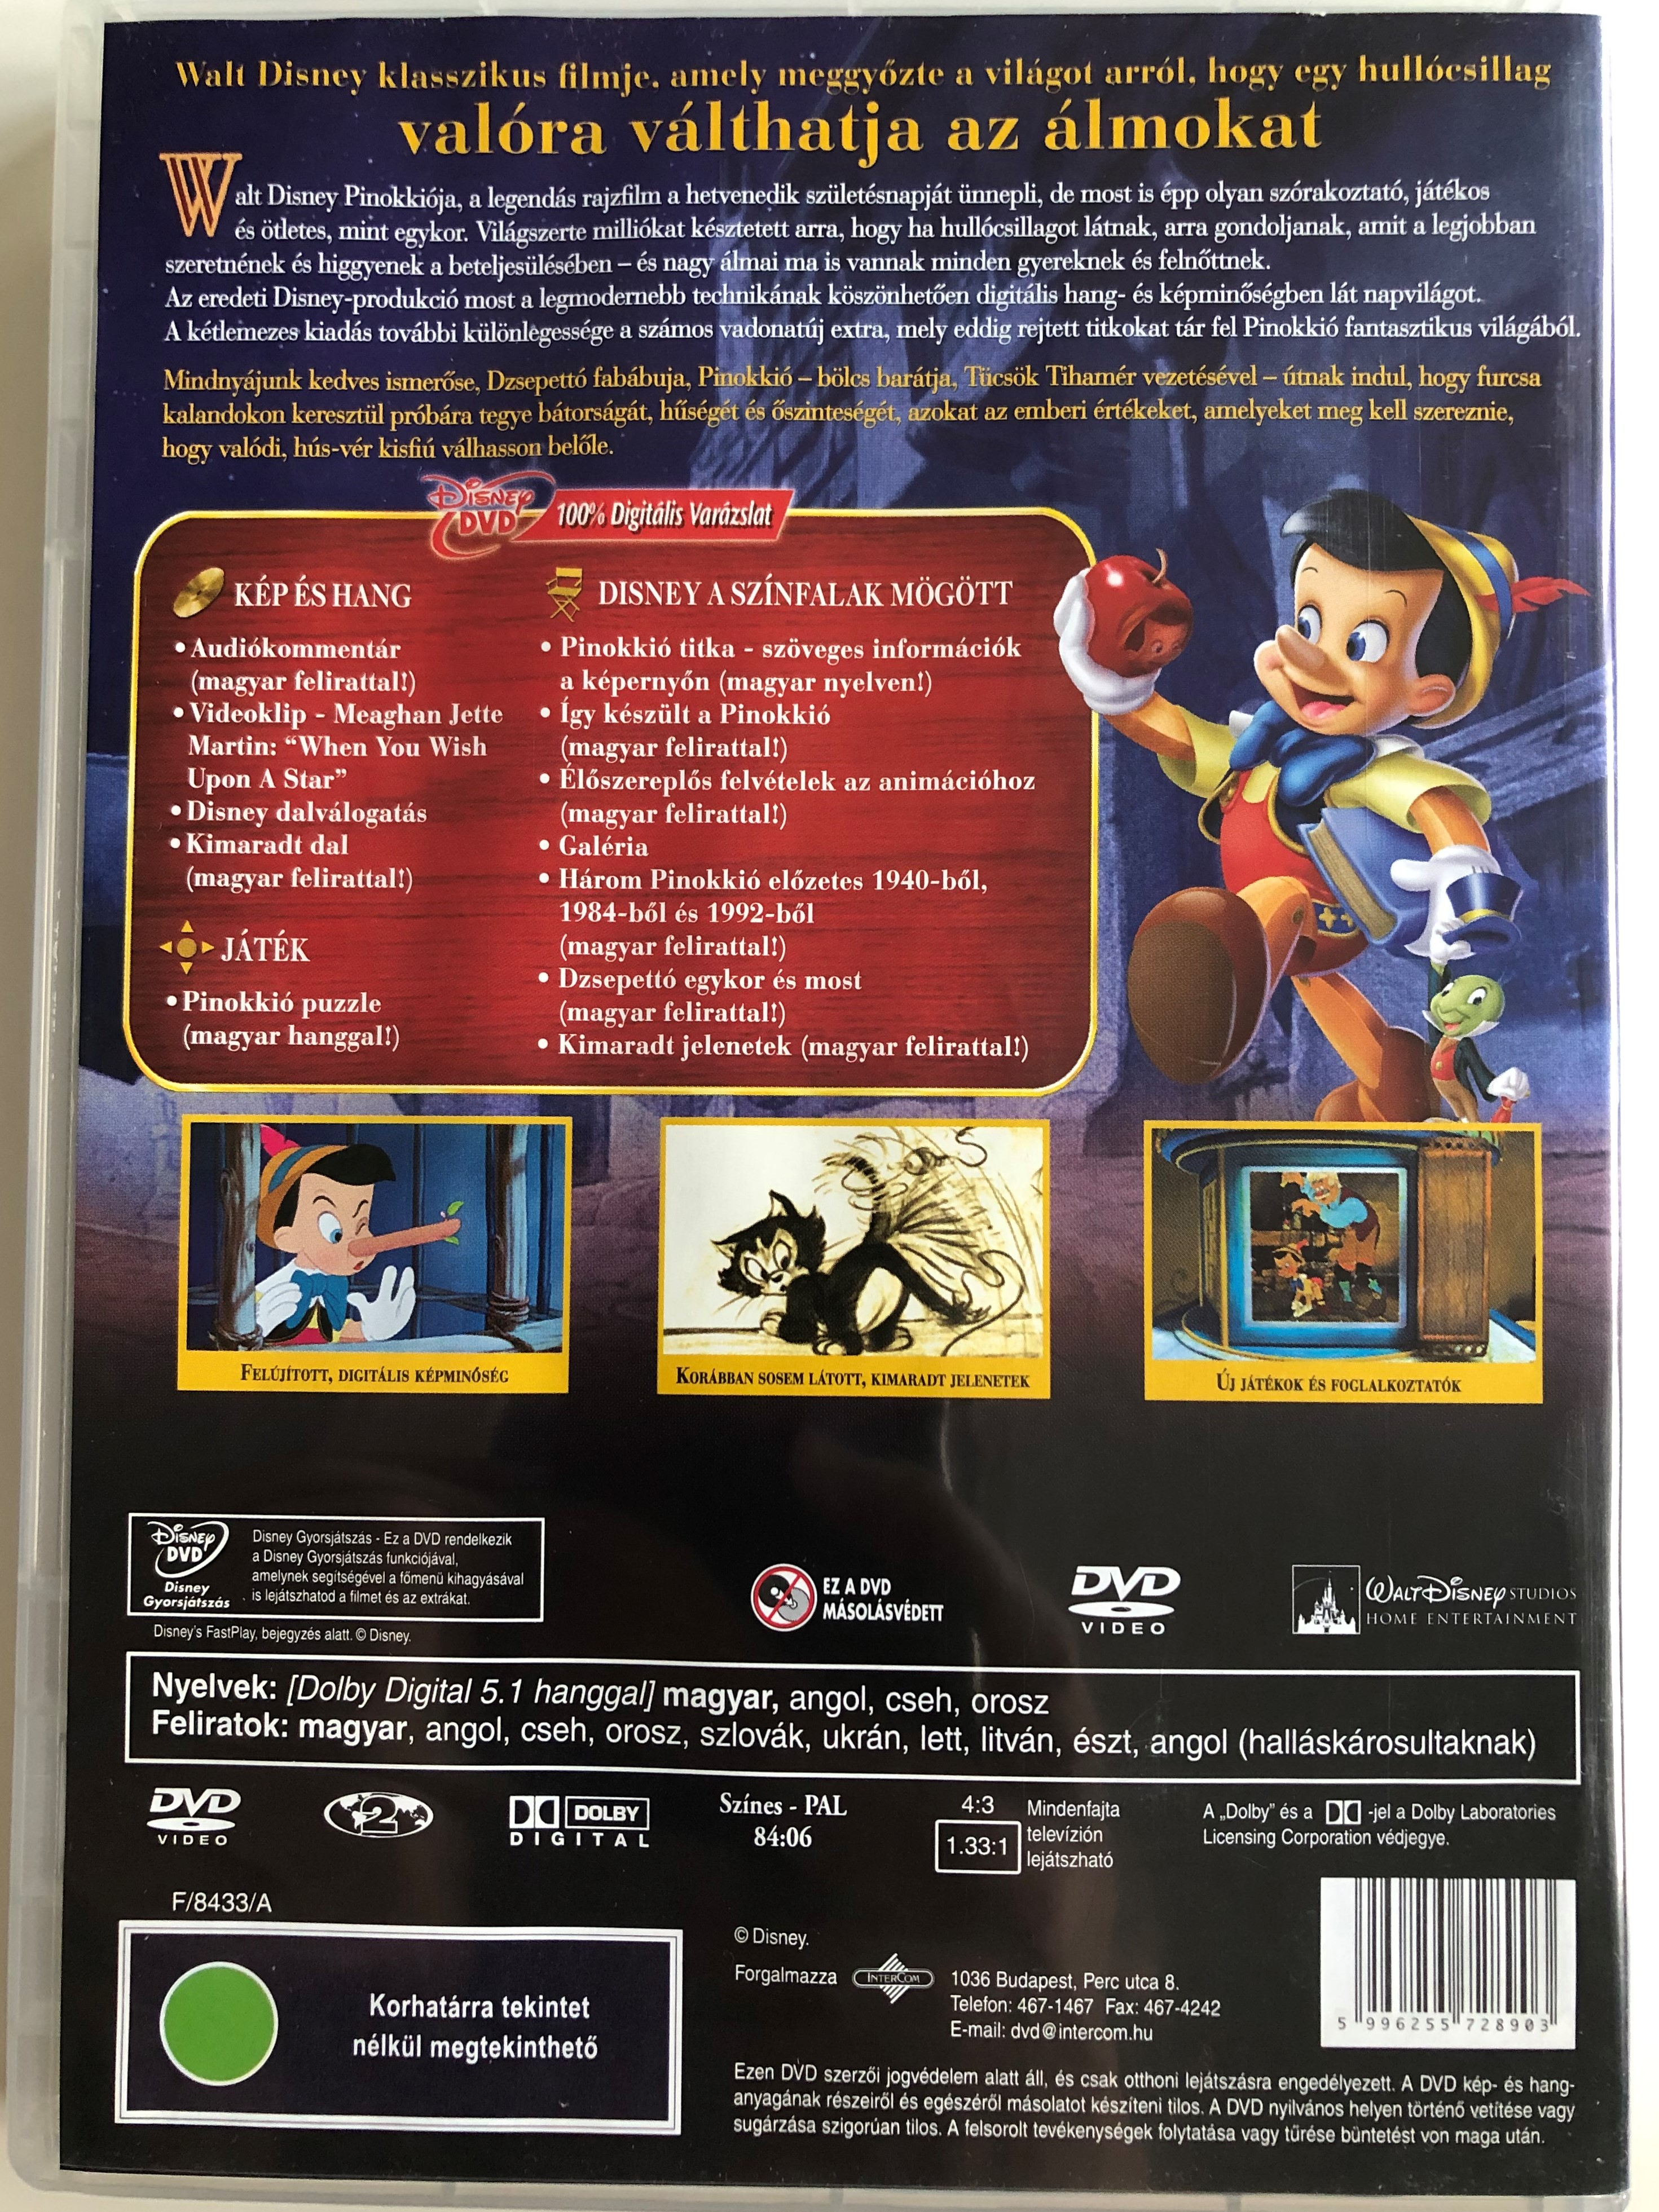 pinocchio-platinum-edition-dvd-1940-pinokki-jubileumi-kiad-s-2-dvd-3.jpg